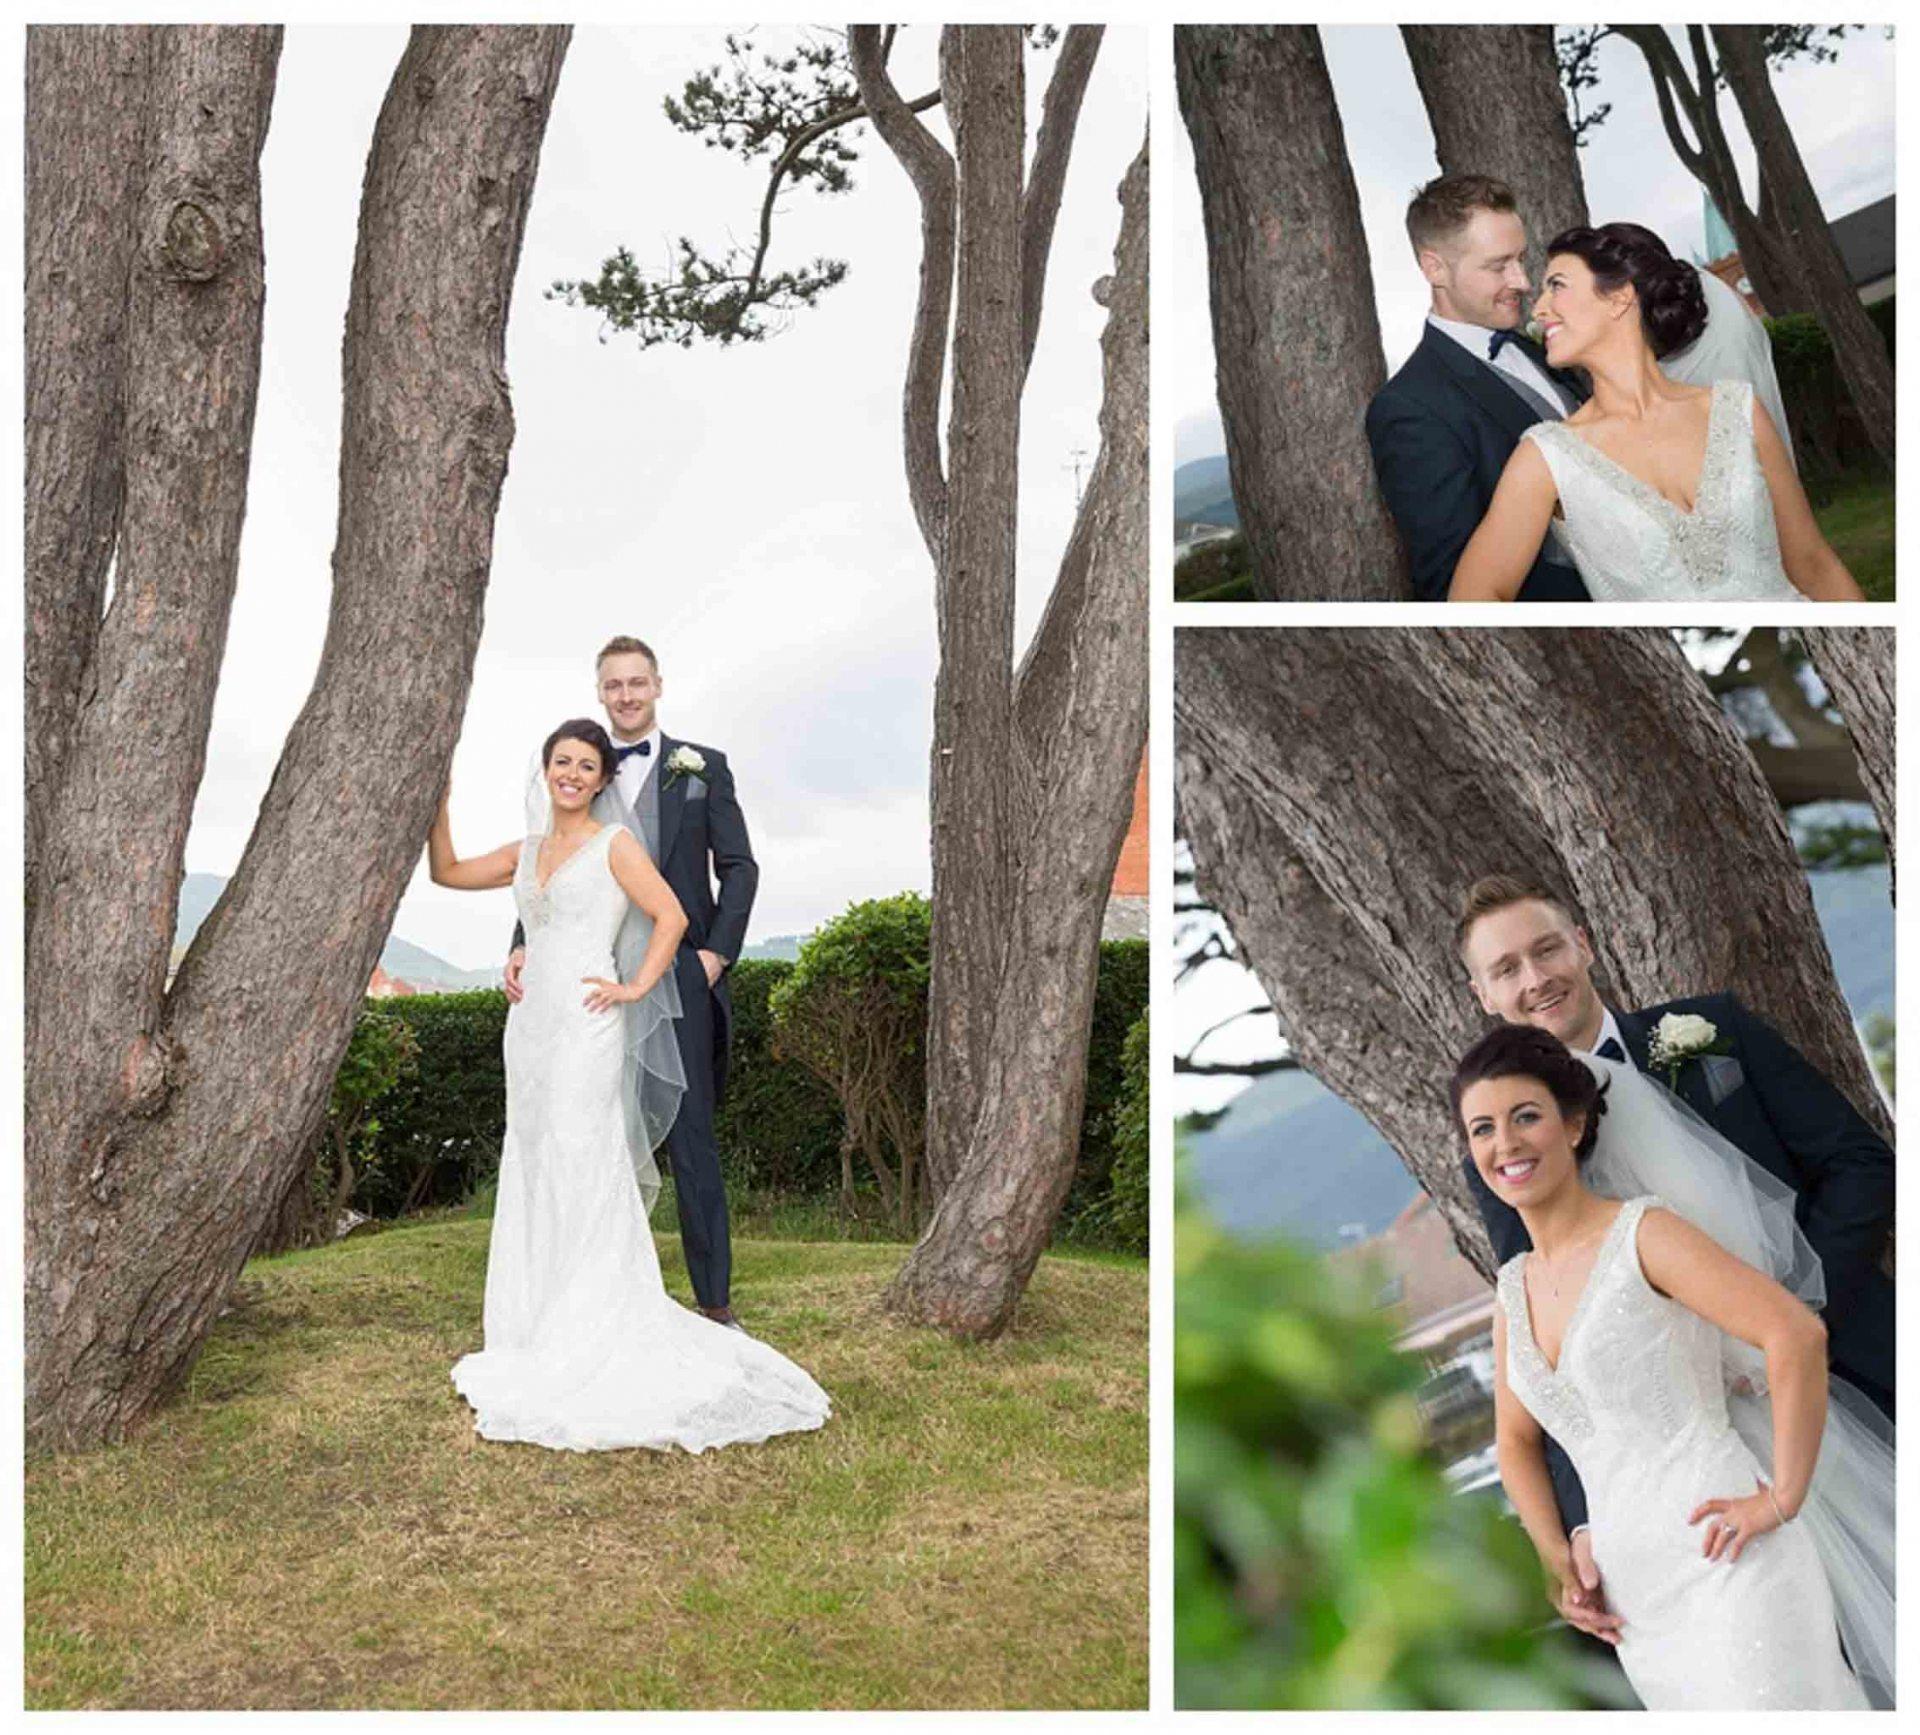 Slieve Donard Wedding Danielle & Glenn by Ricky Parker Photography-49